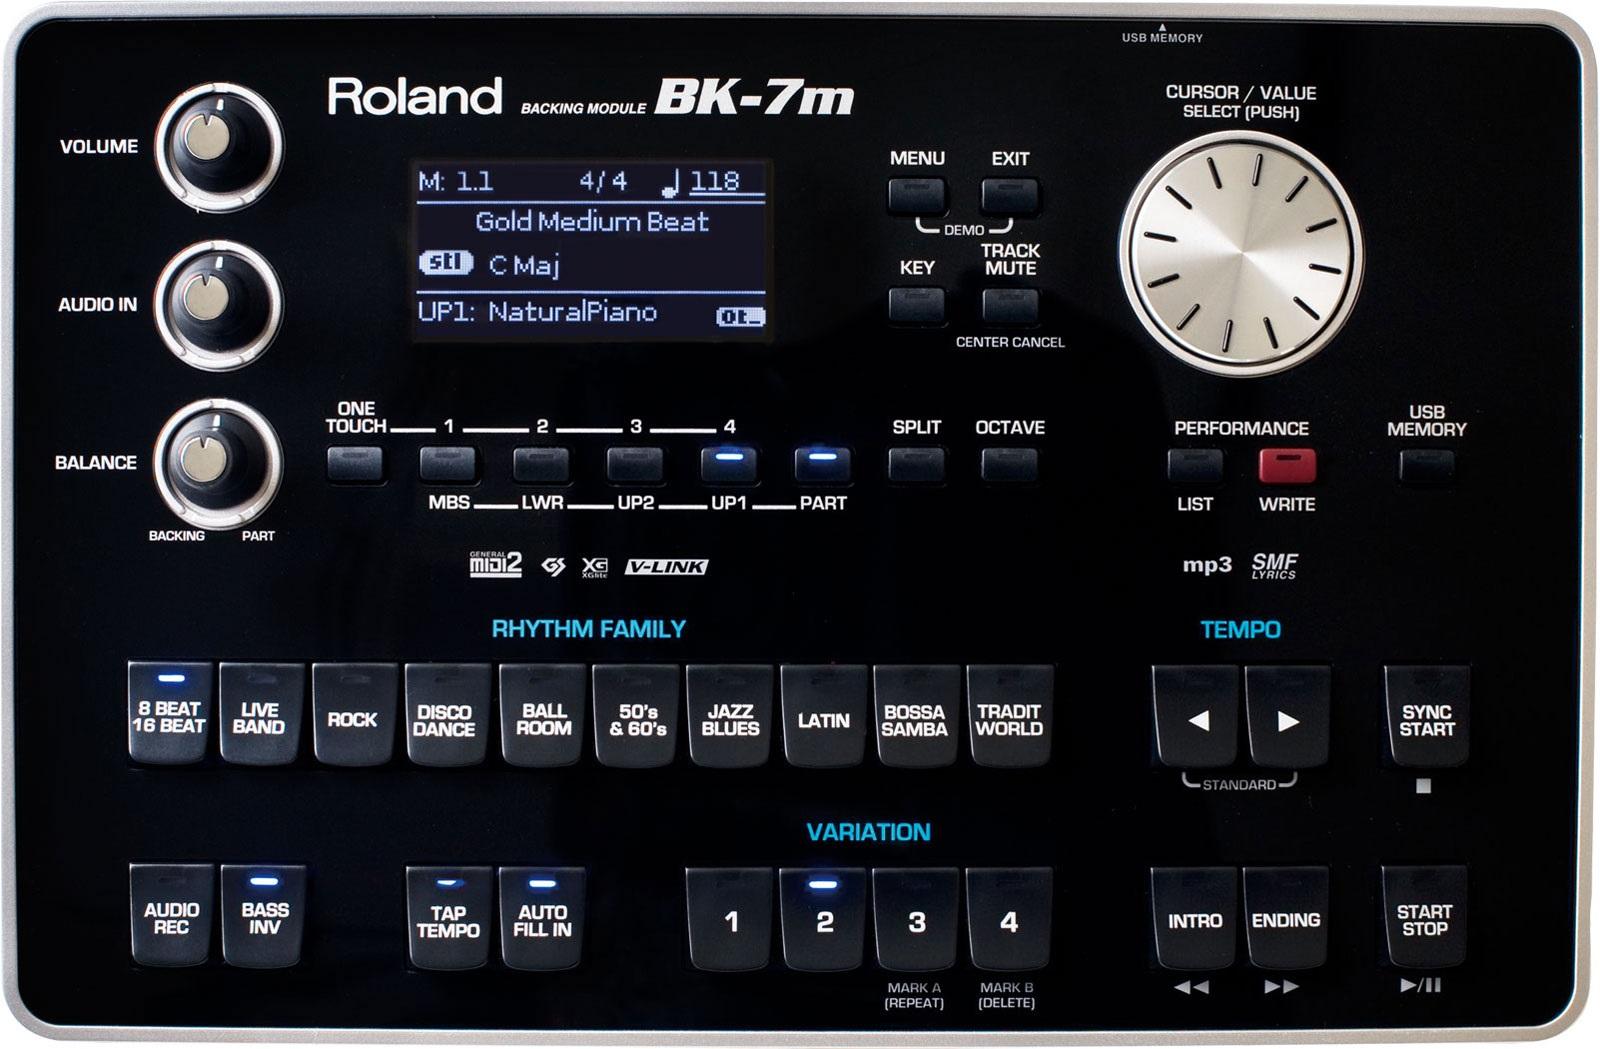 Roland BK-7m